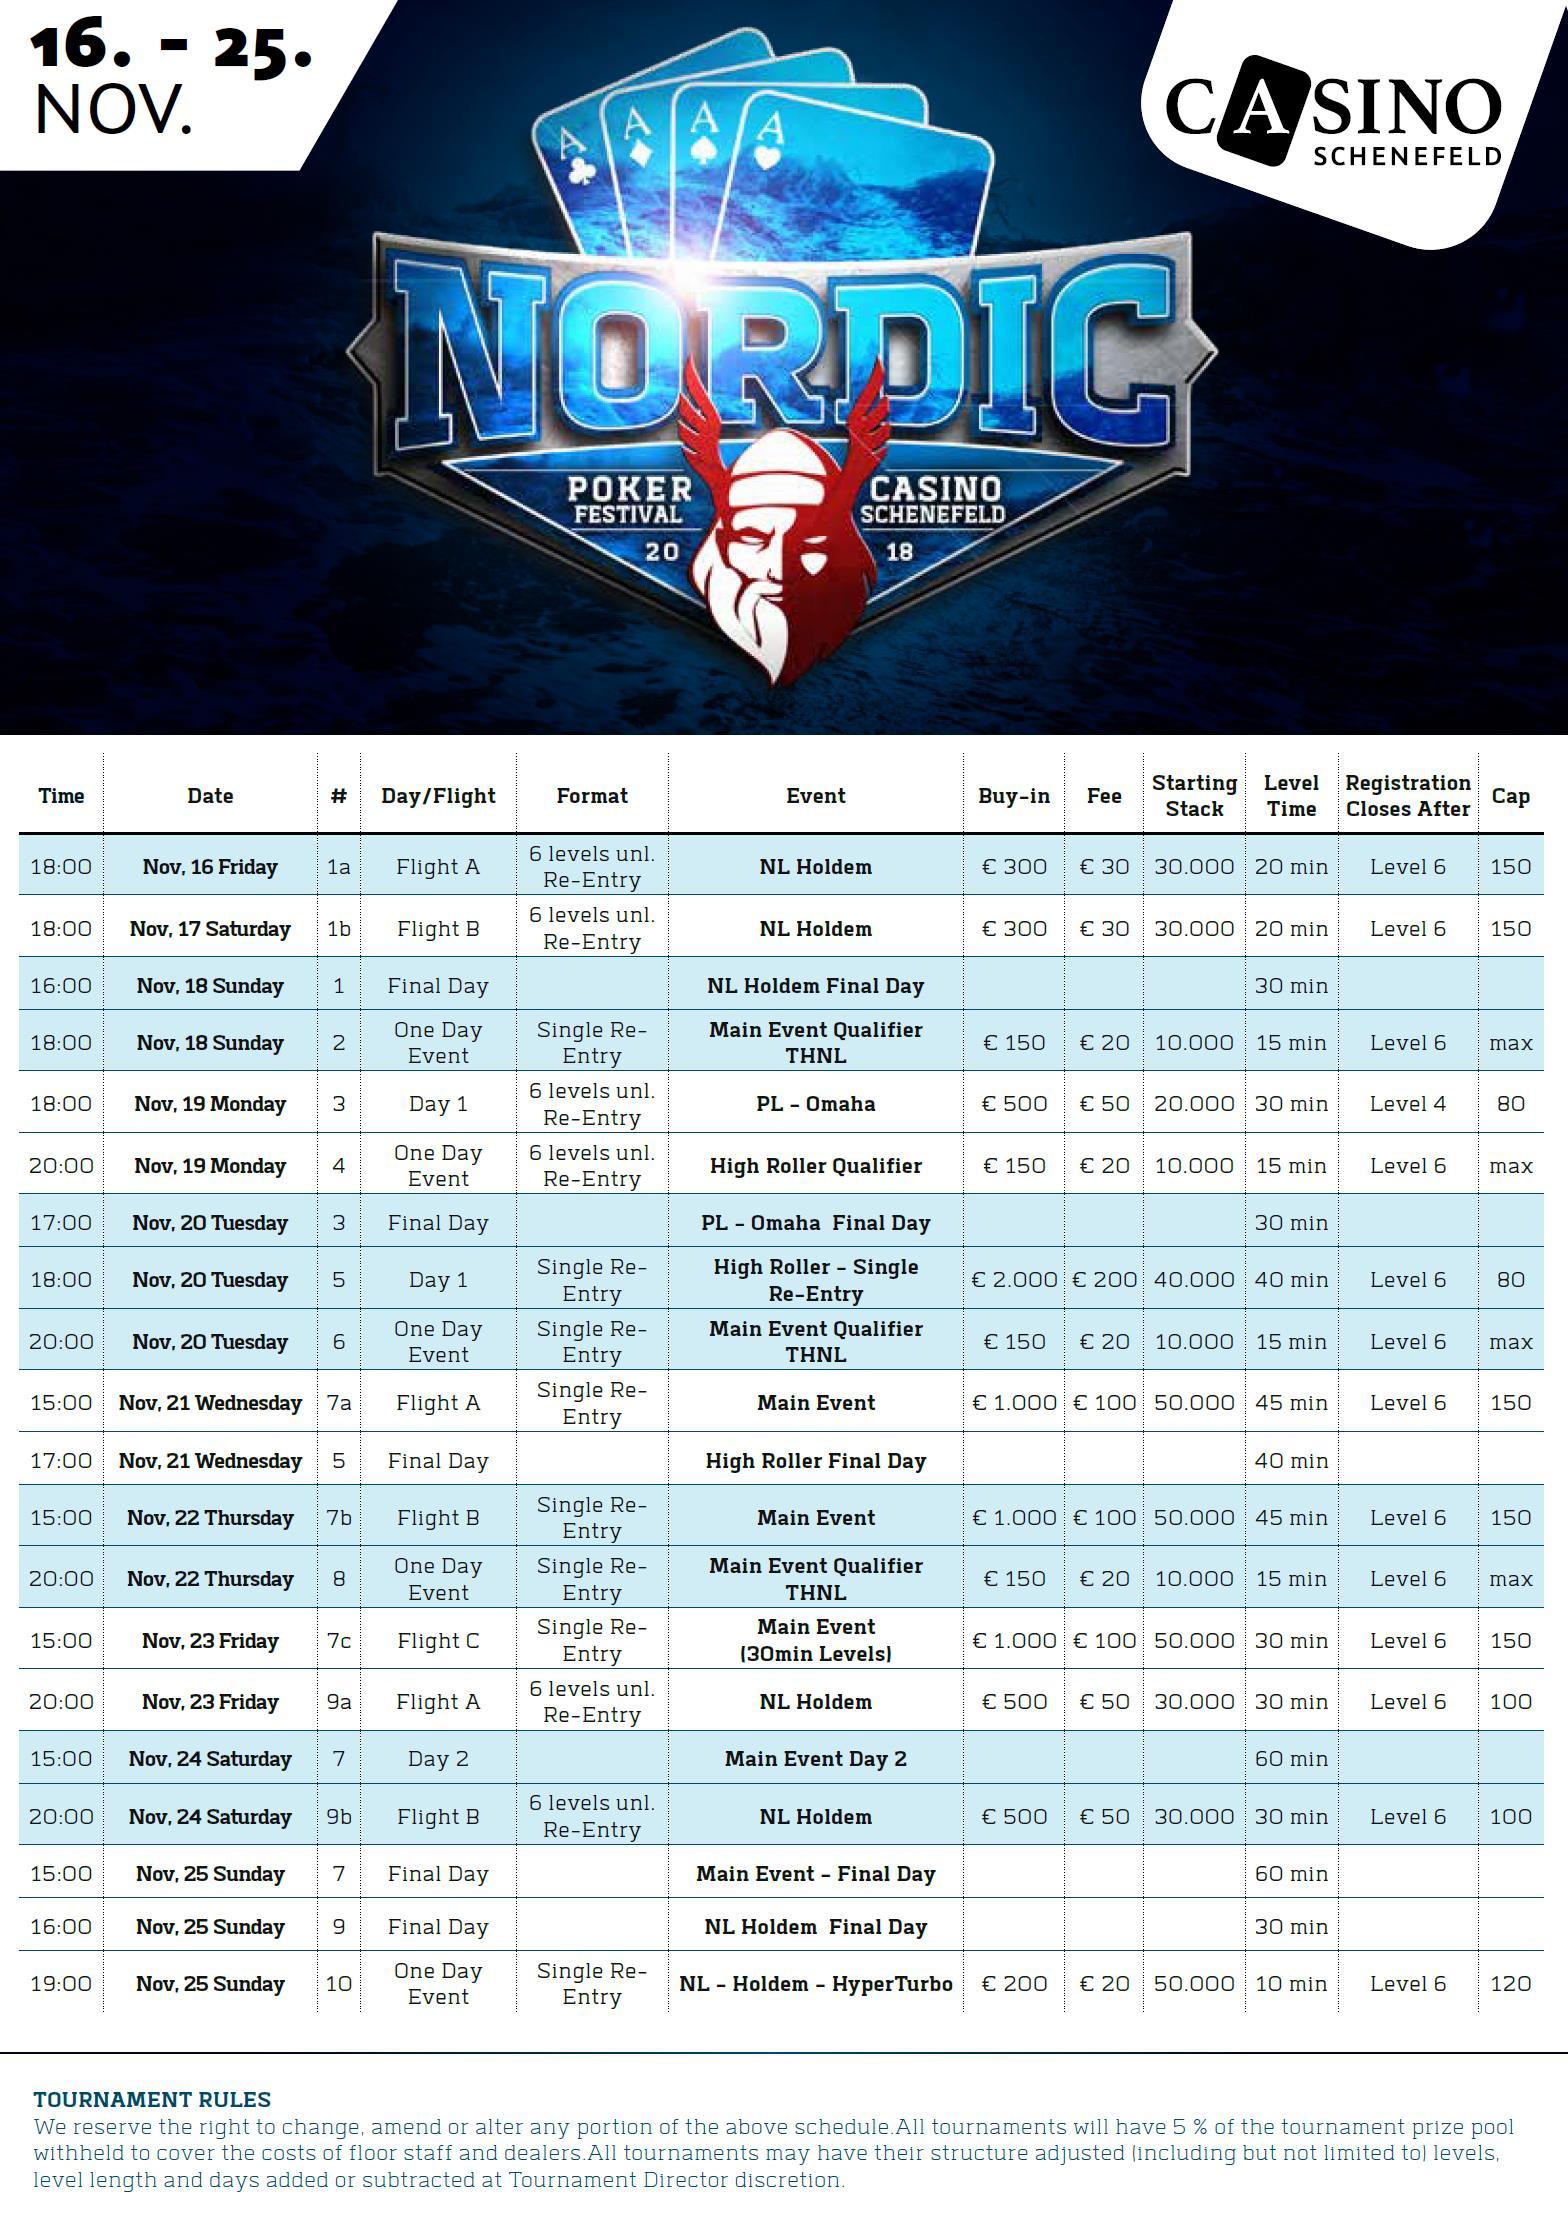 Casino Schenefeld präsentiert das Nordic Poker Festival